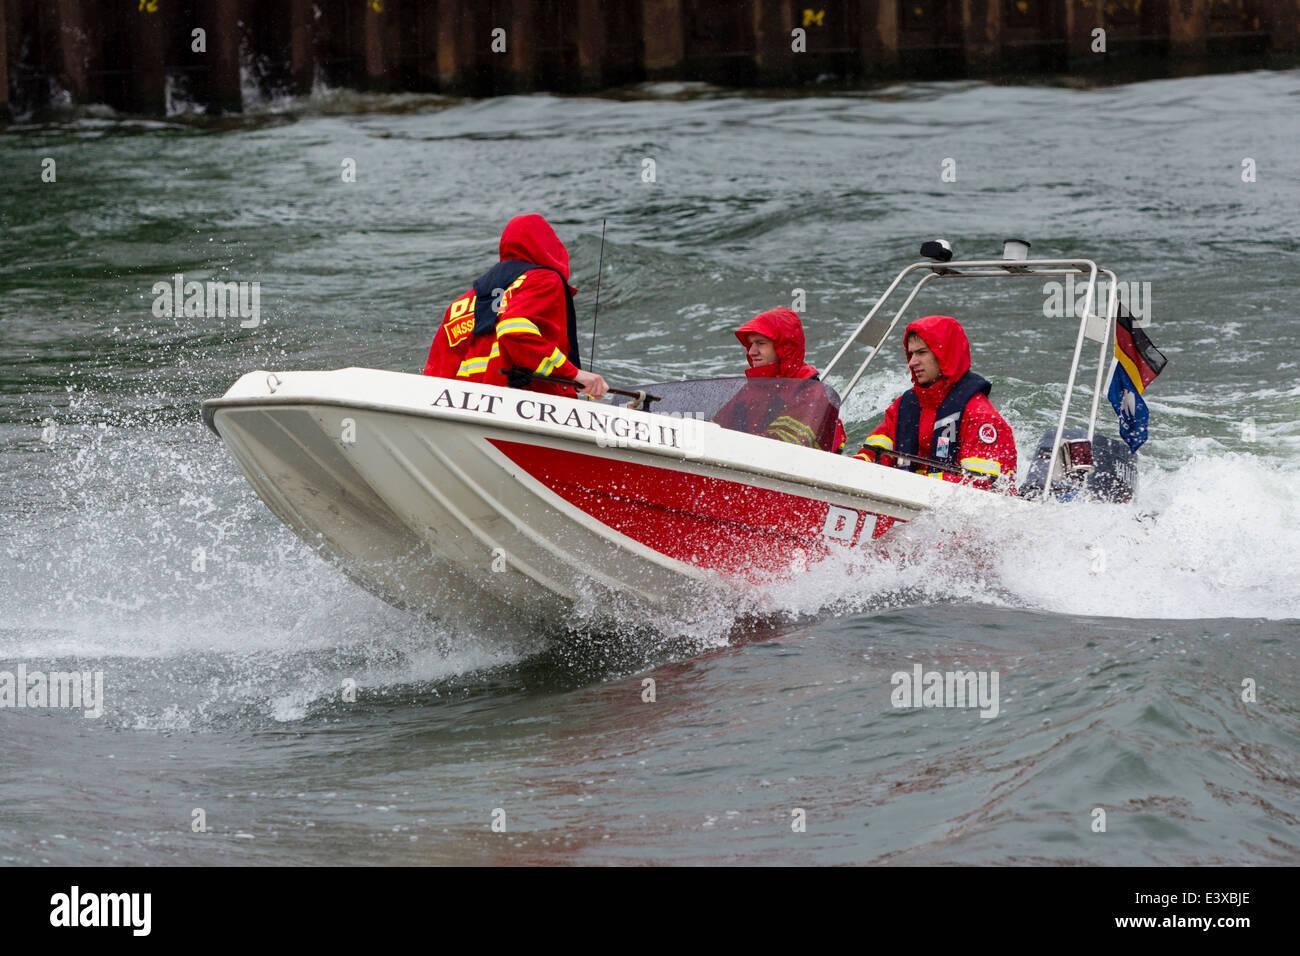 Deutsche U Boote Stockfotos & Deutsche U Boote Bilder - Alamy